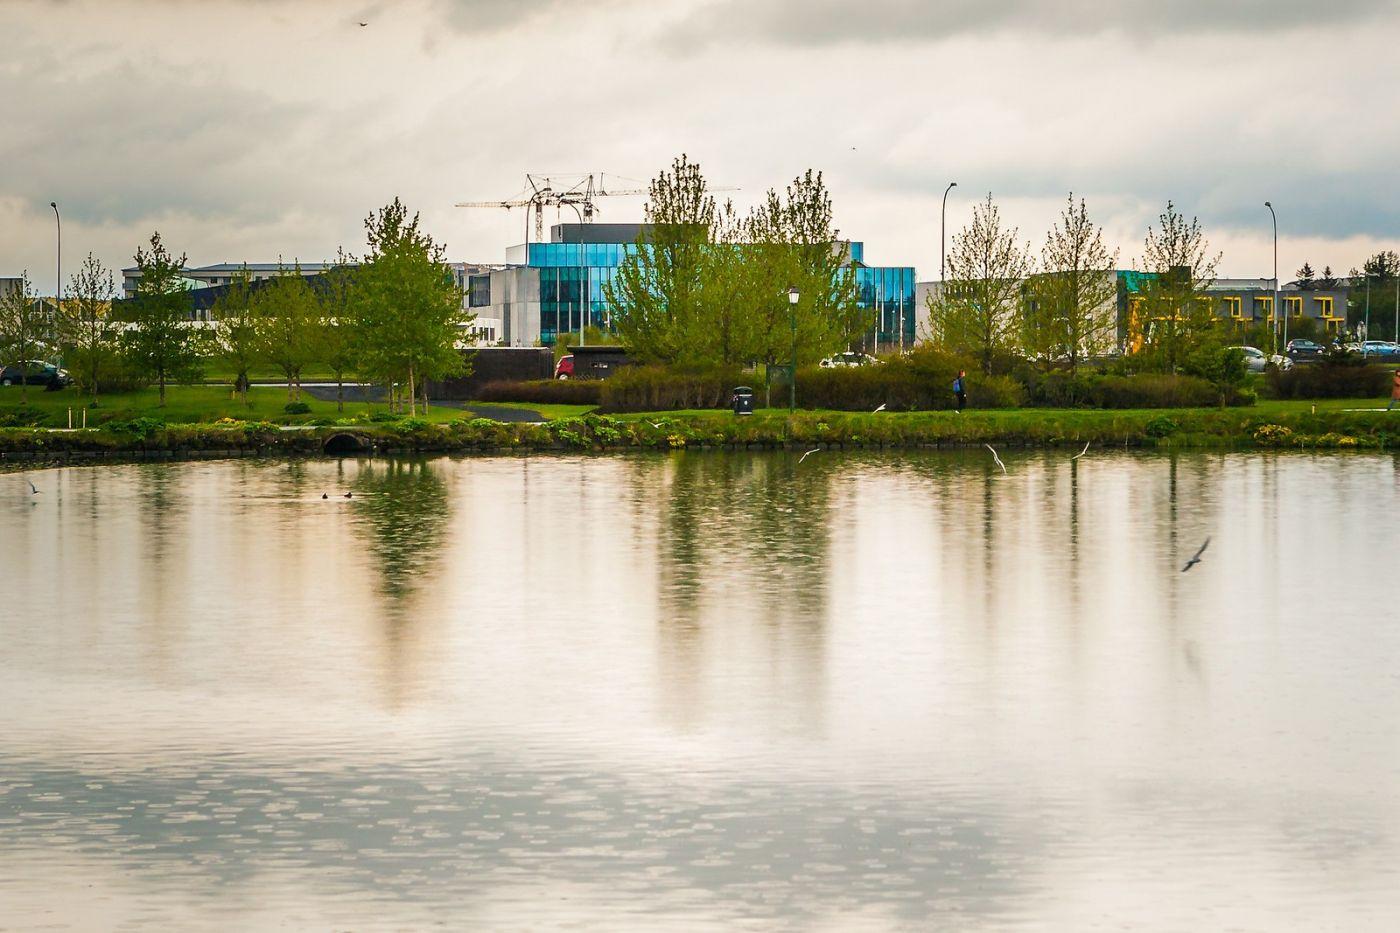 冰岛雷克雅未克(Reykjavík),游城中湖_图1-24